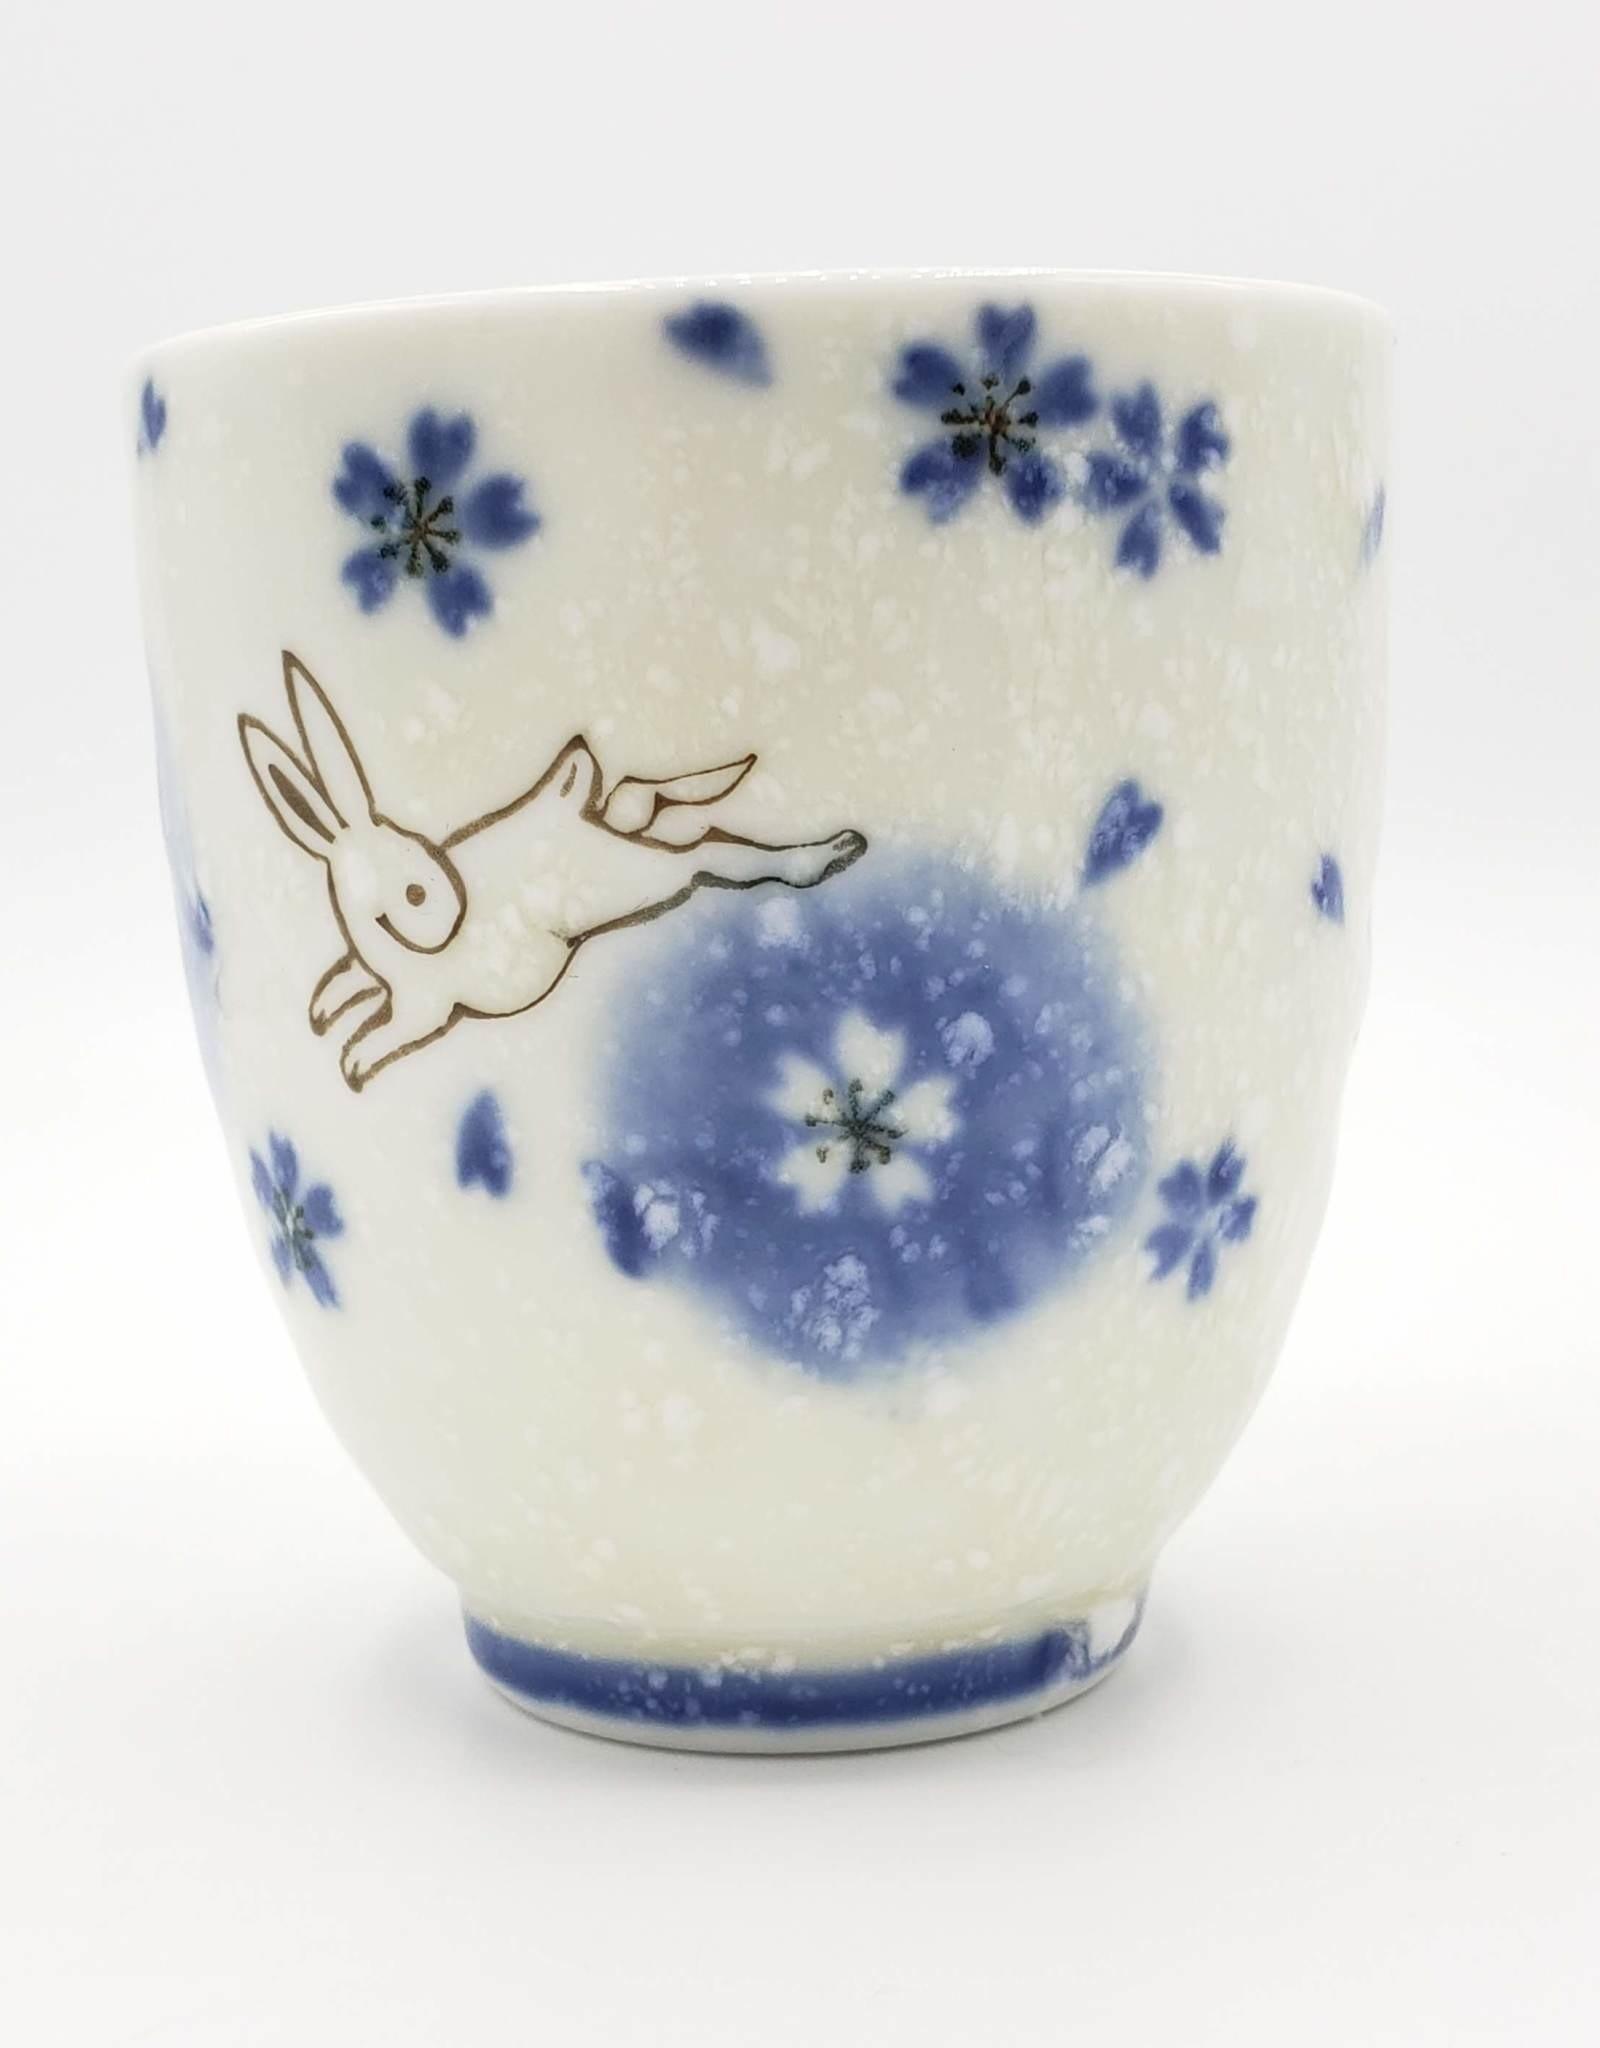 Ceramic Bunny Sake Cups, Sold Separately